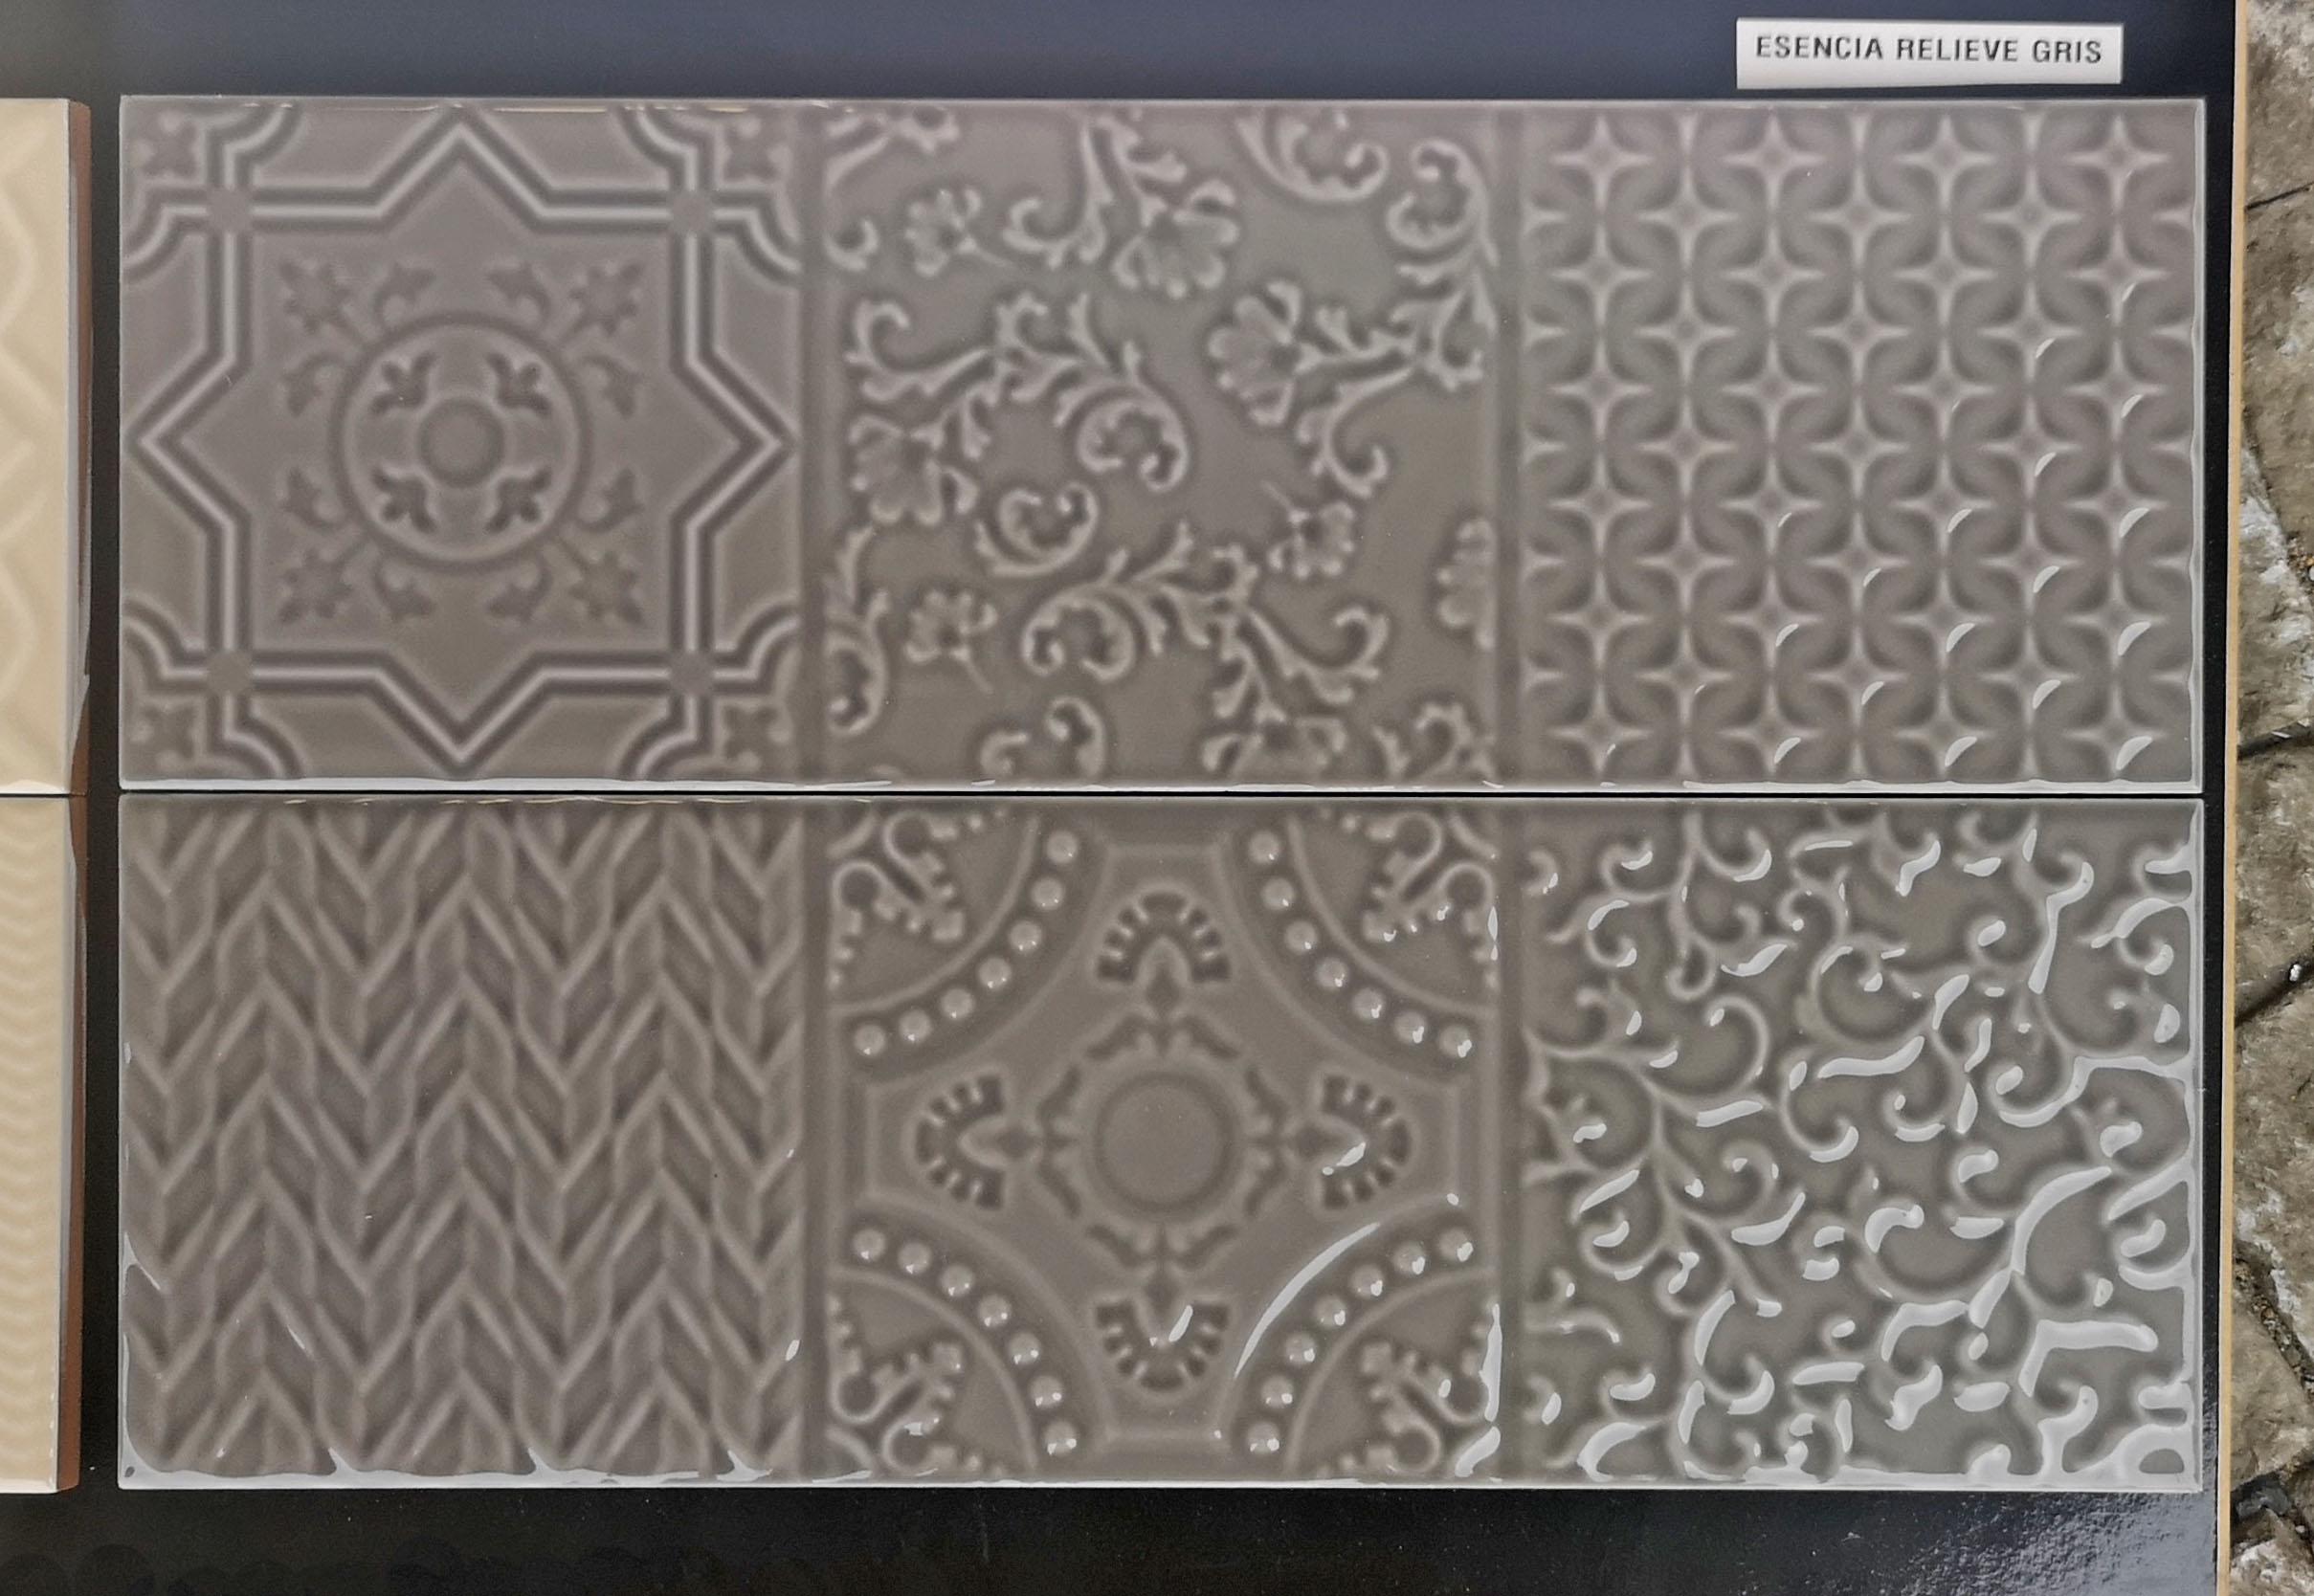 monopole-esencia-relievi-obklady-obdelnik-10x30-06